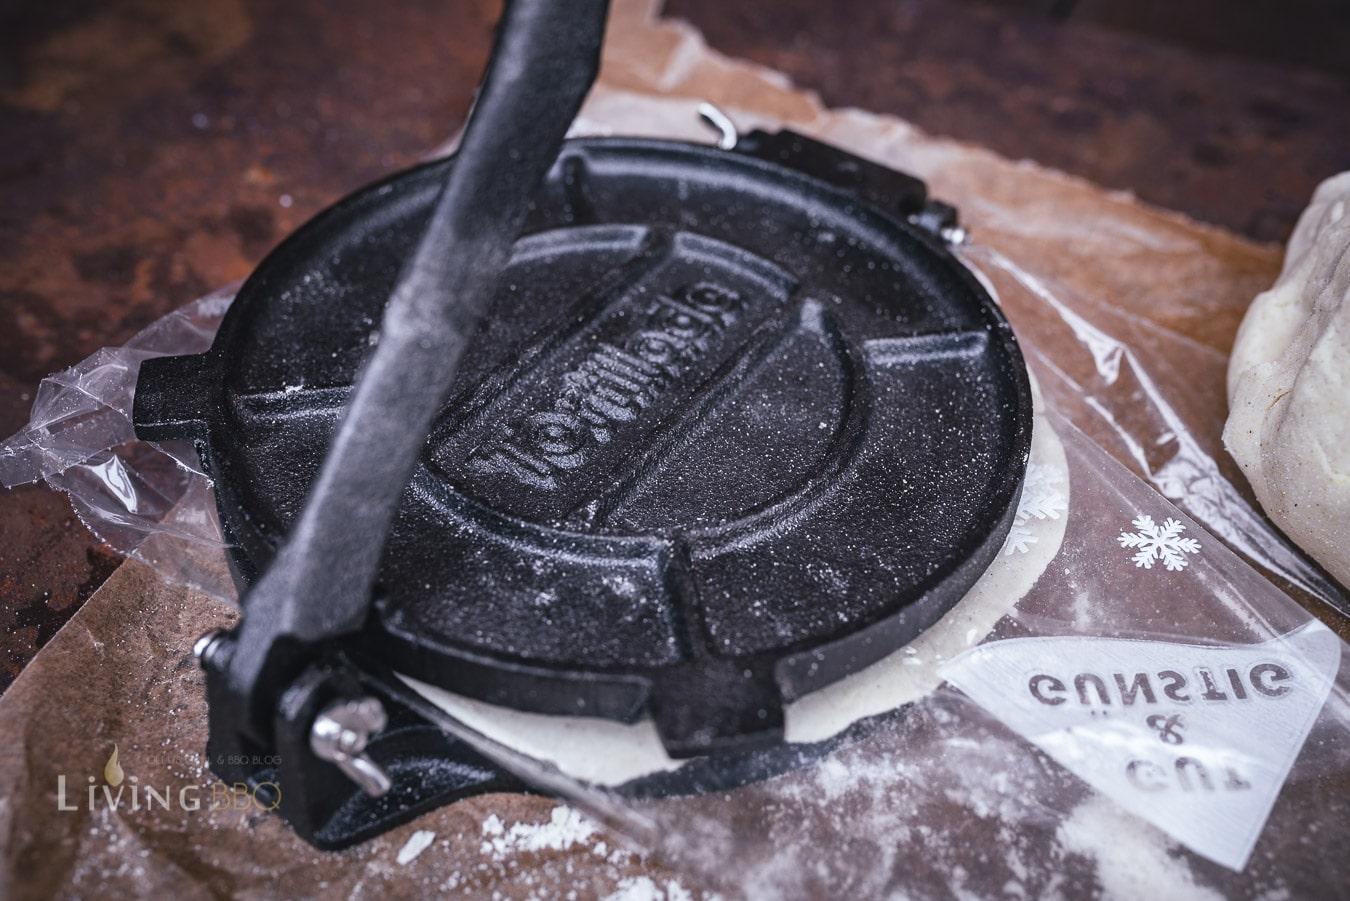 Maistortillas pressen in der Tortillaspresse